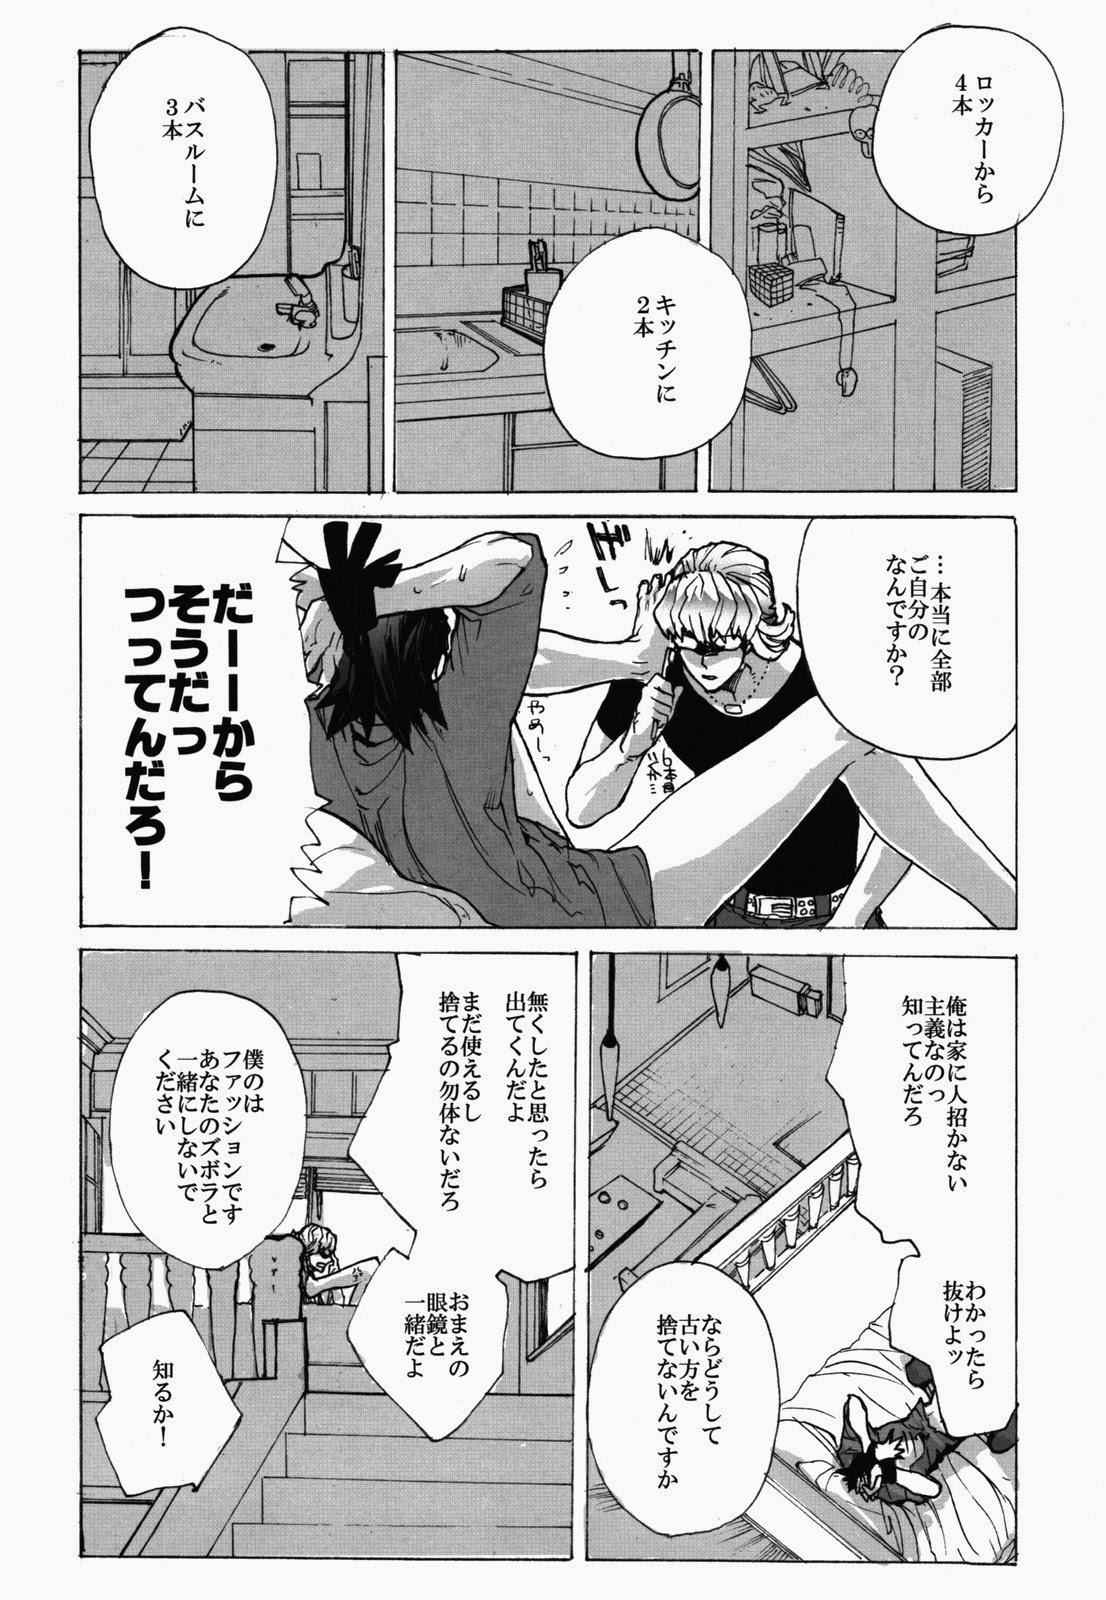 Hamidashi Justice no Koe ga Kikoeru Plus 20